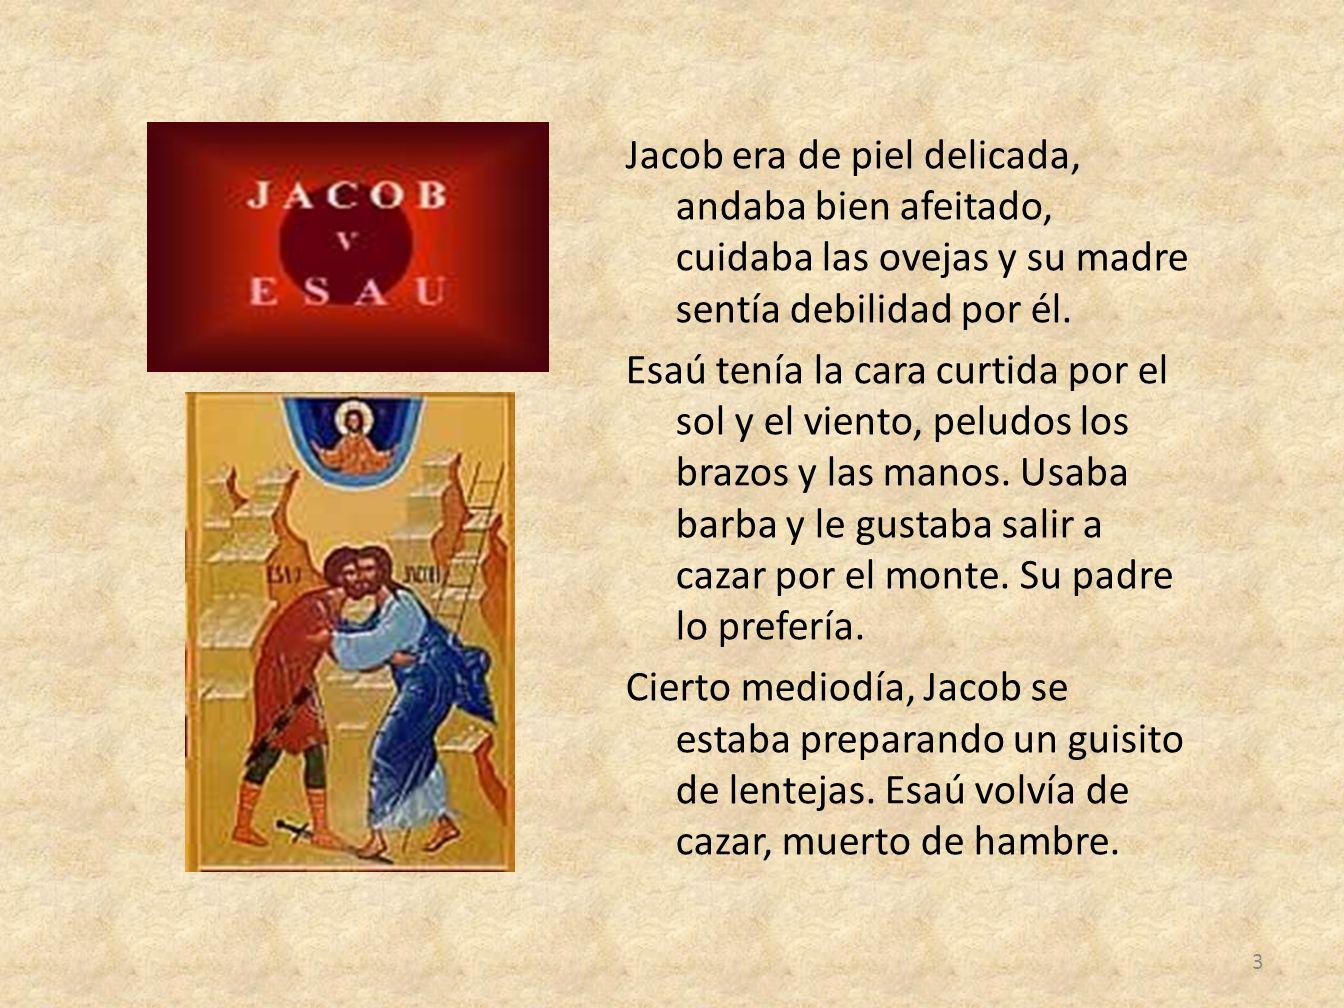 Jacob era de piel delicada, andaba bien afeitado, cuidaba las ovejas y su madre sentía debilidad por él. Esaú tenía la cara curtida por el sol y el vi